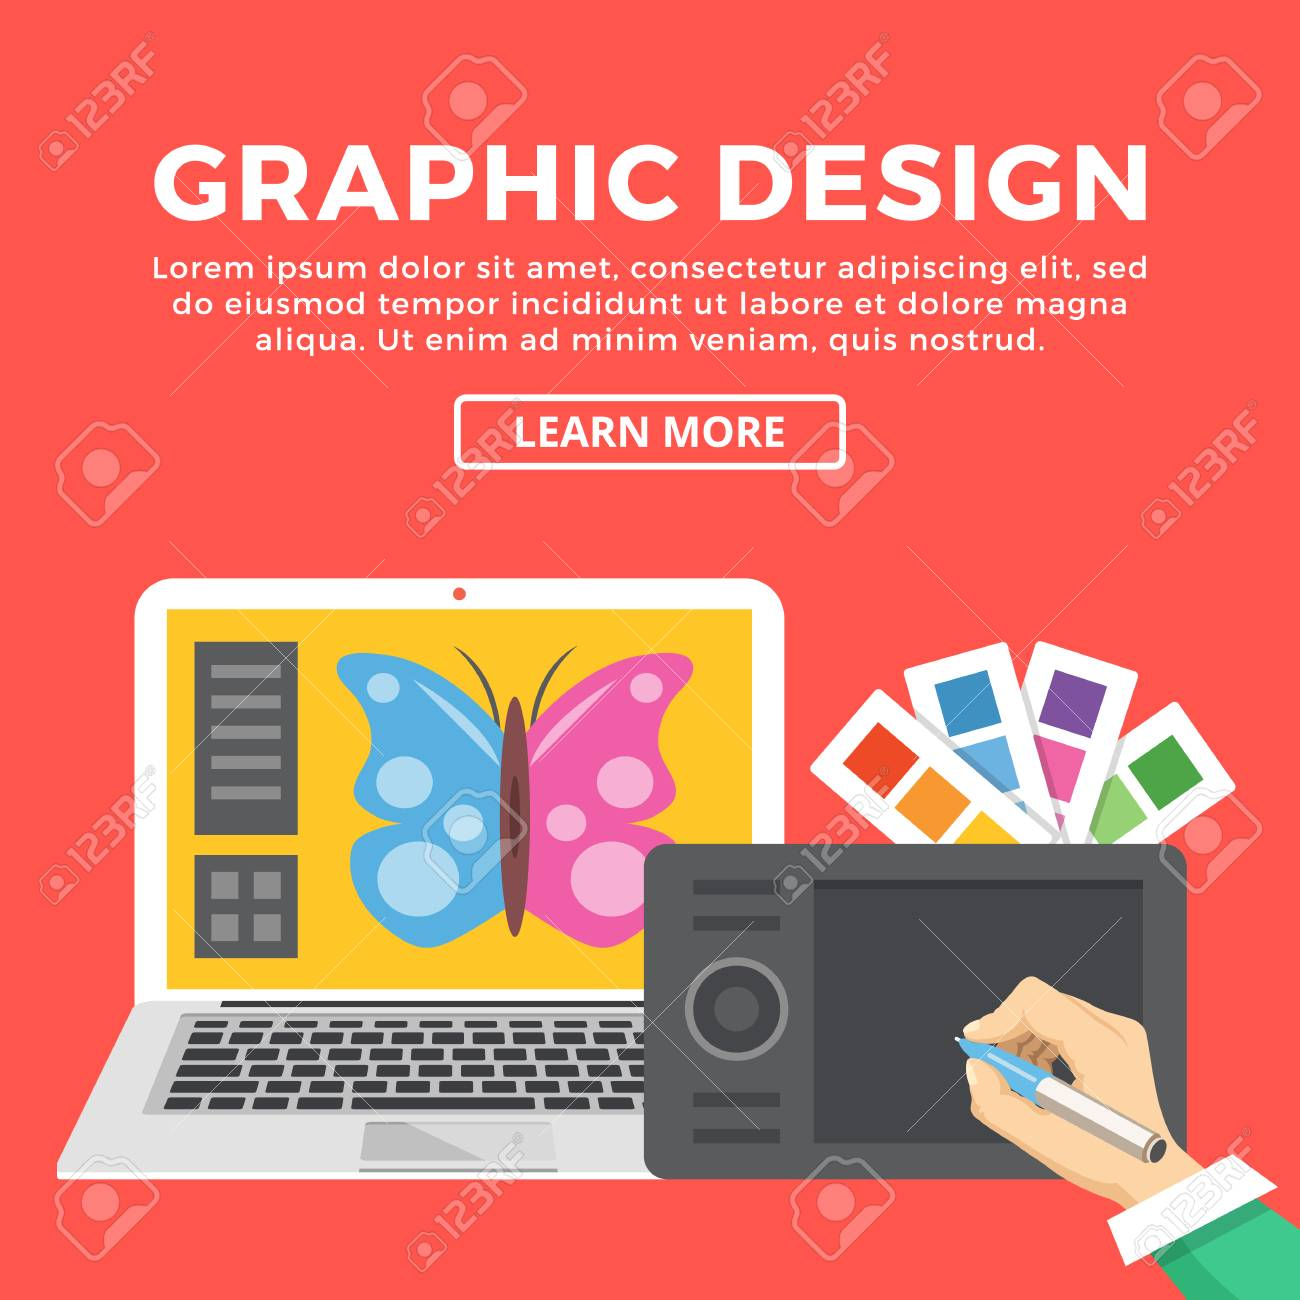 Banniere Web Design Graphique Main Avec Dessin Stylo Avec Tablette